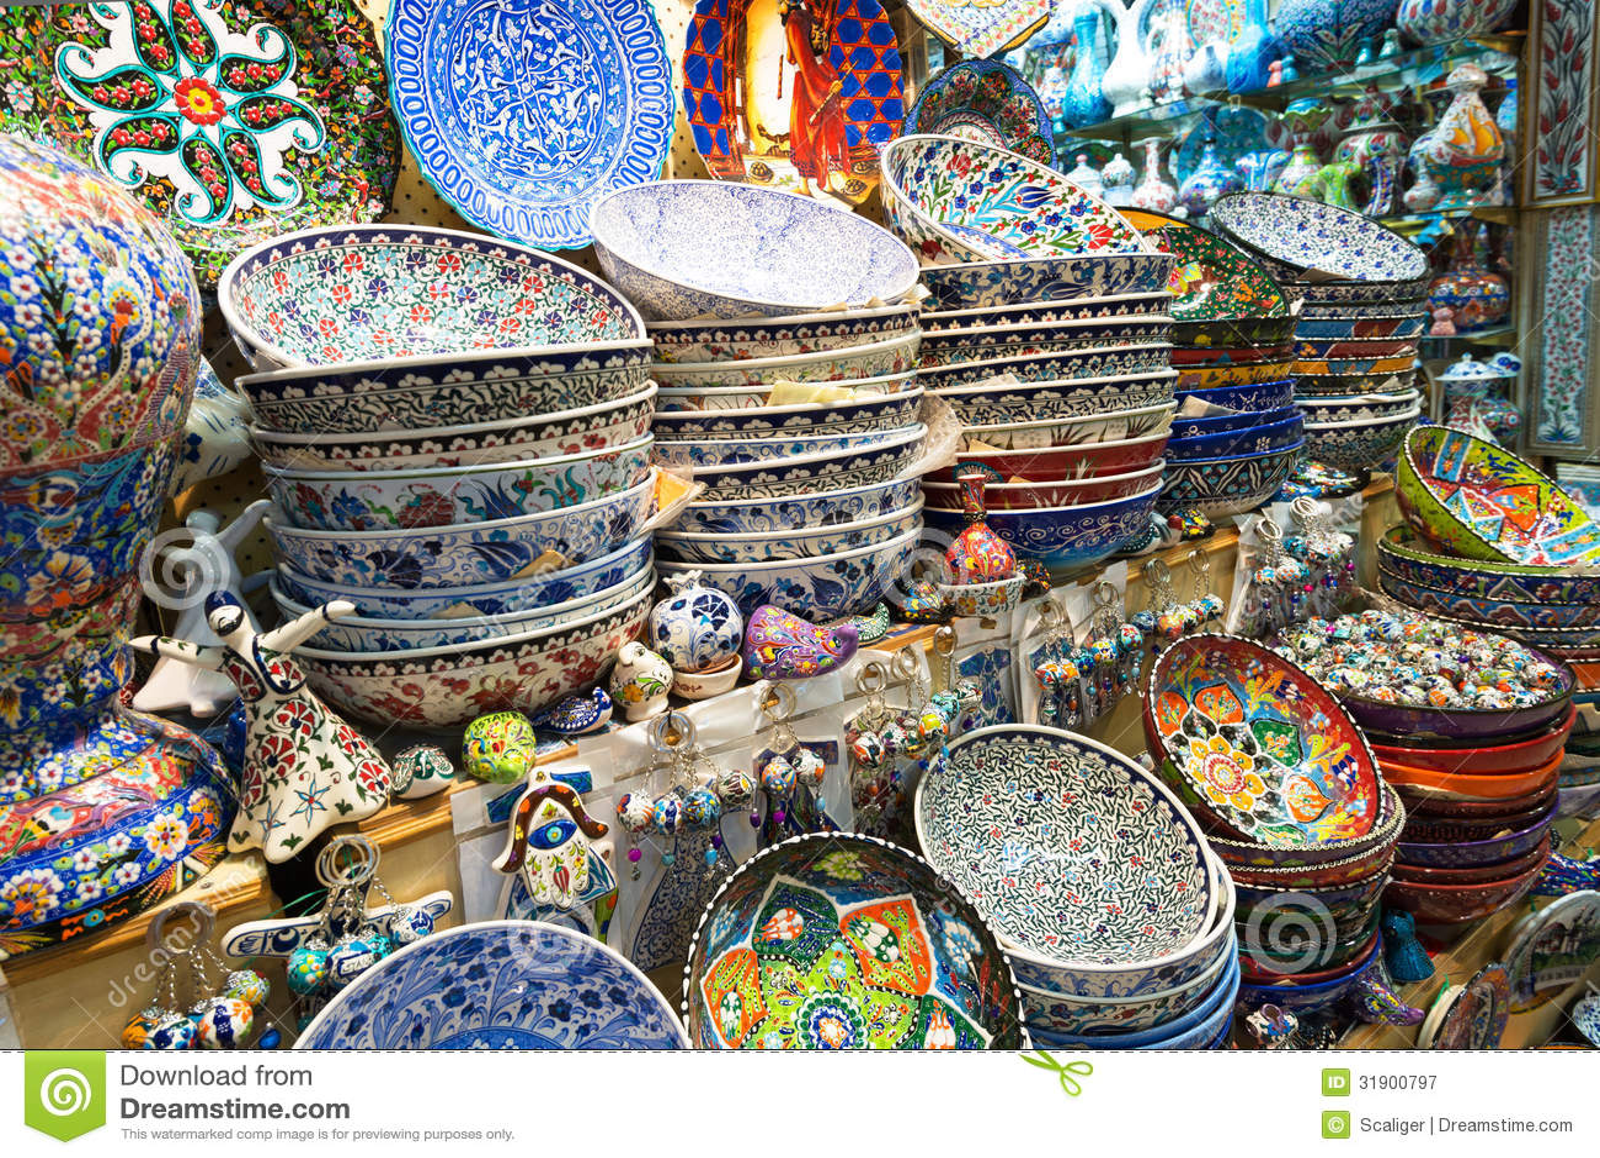 Business plan keramik mulia